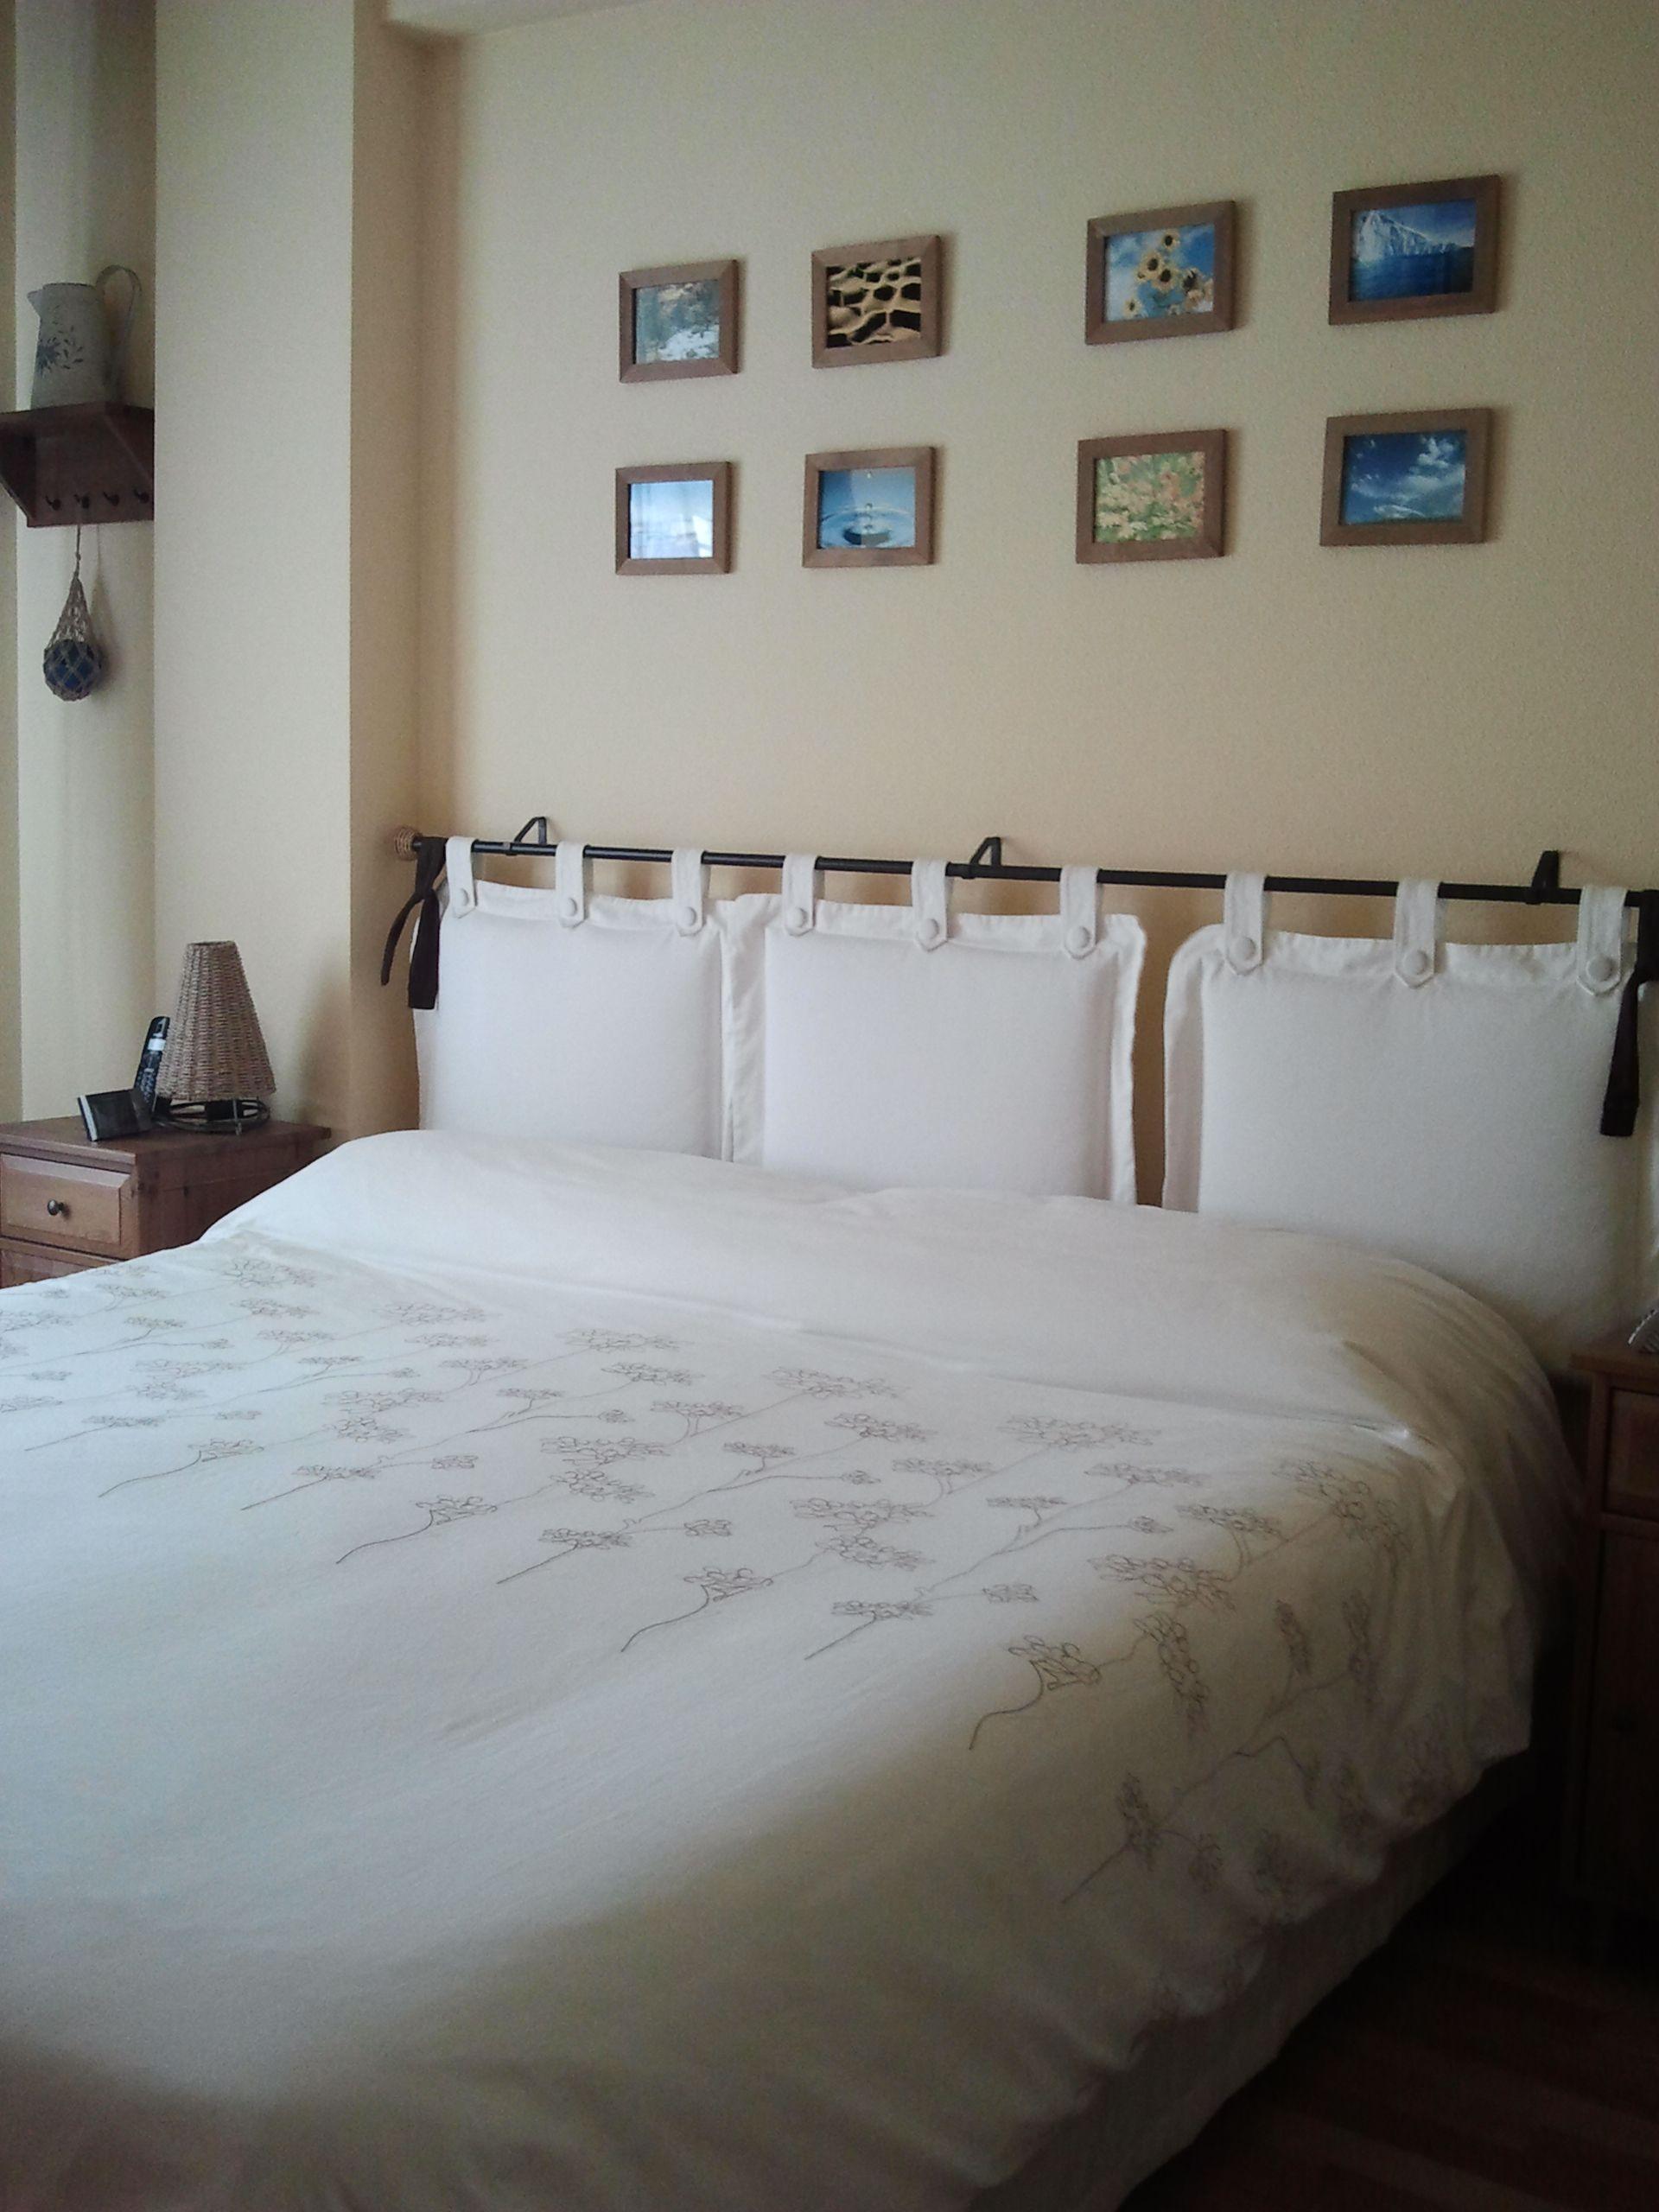 Dormitorio | Bolsas | Pinterest | Dormitorio, Cabeceros y Camas